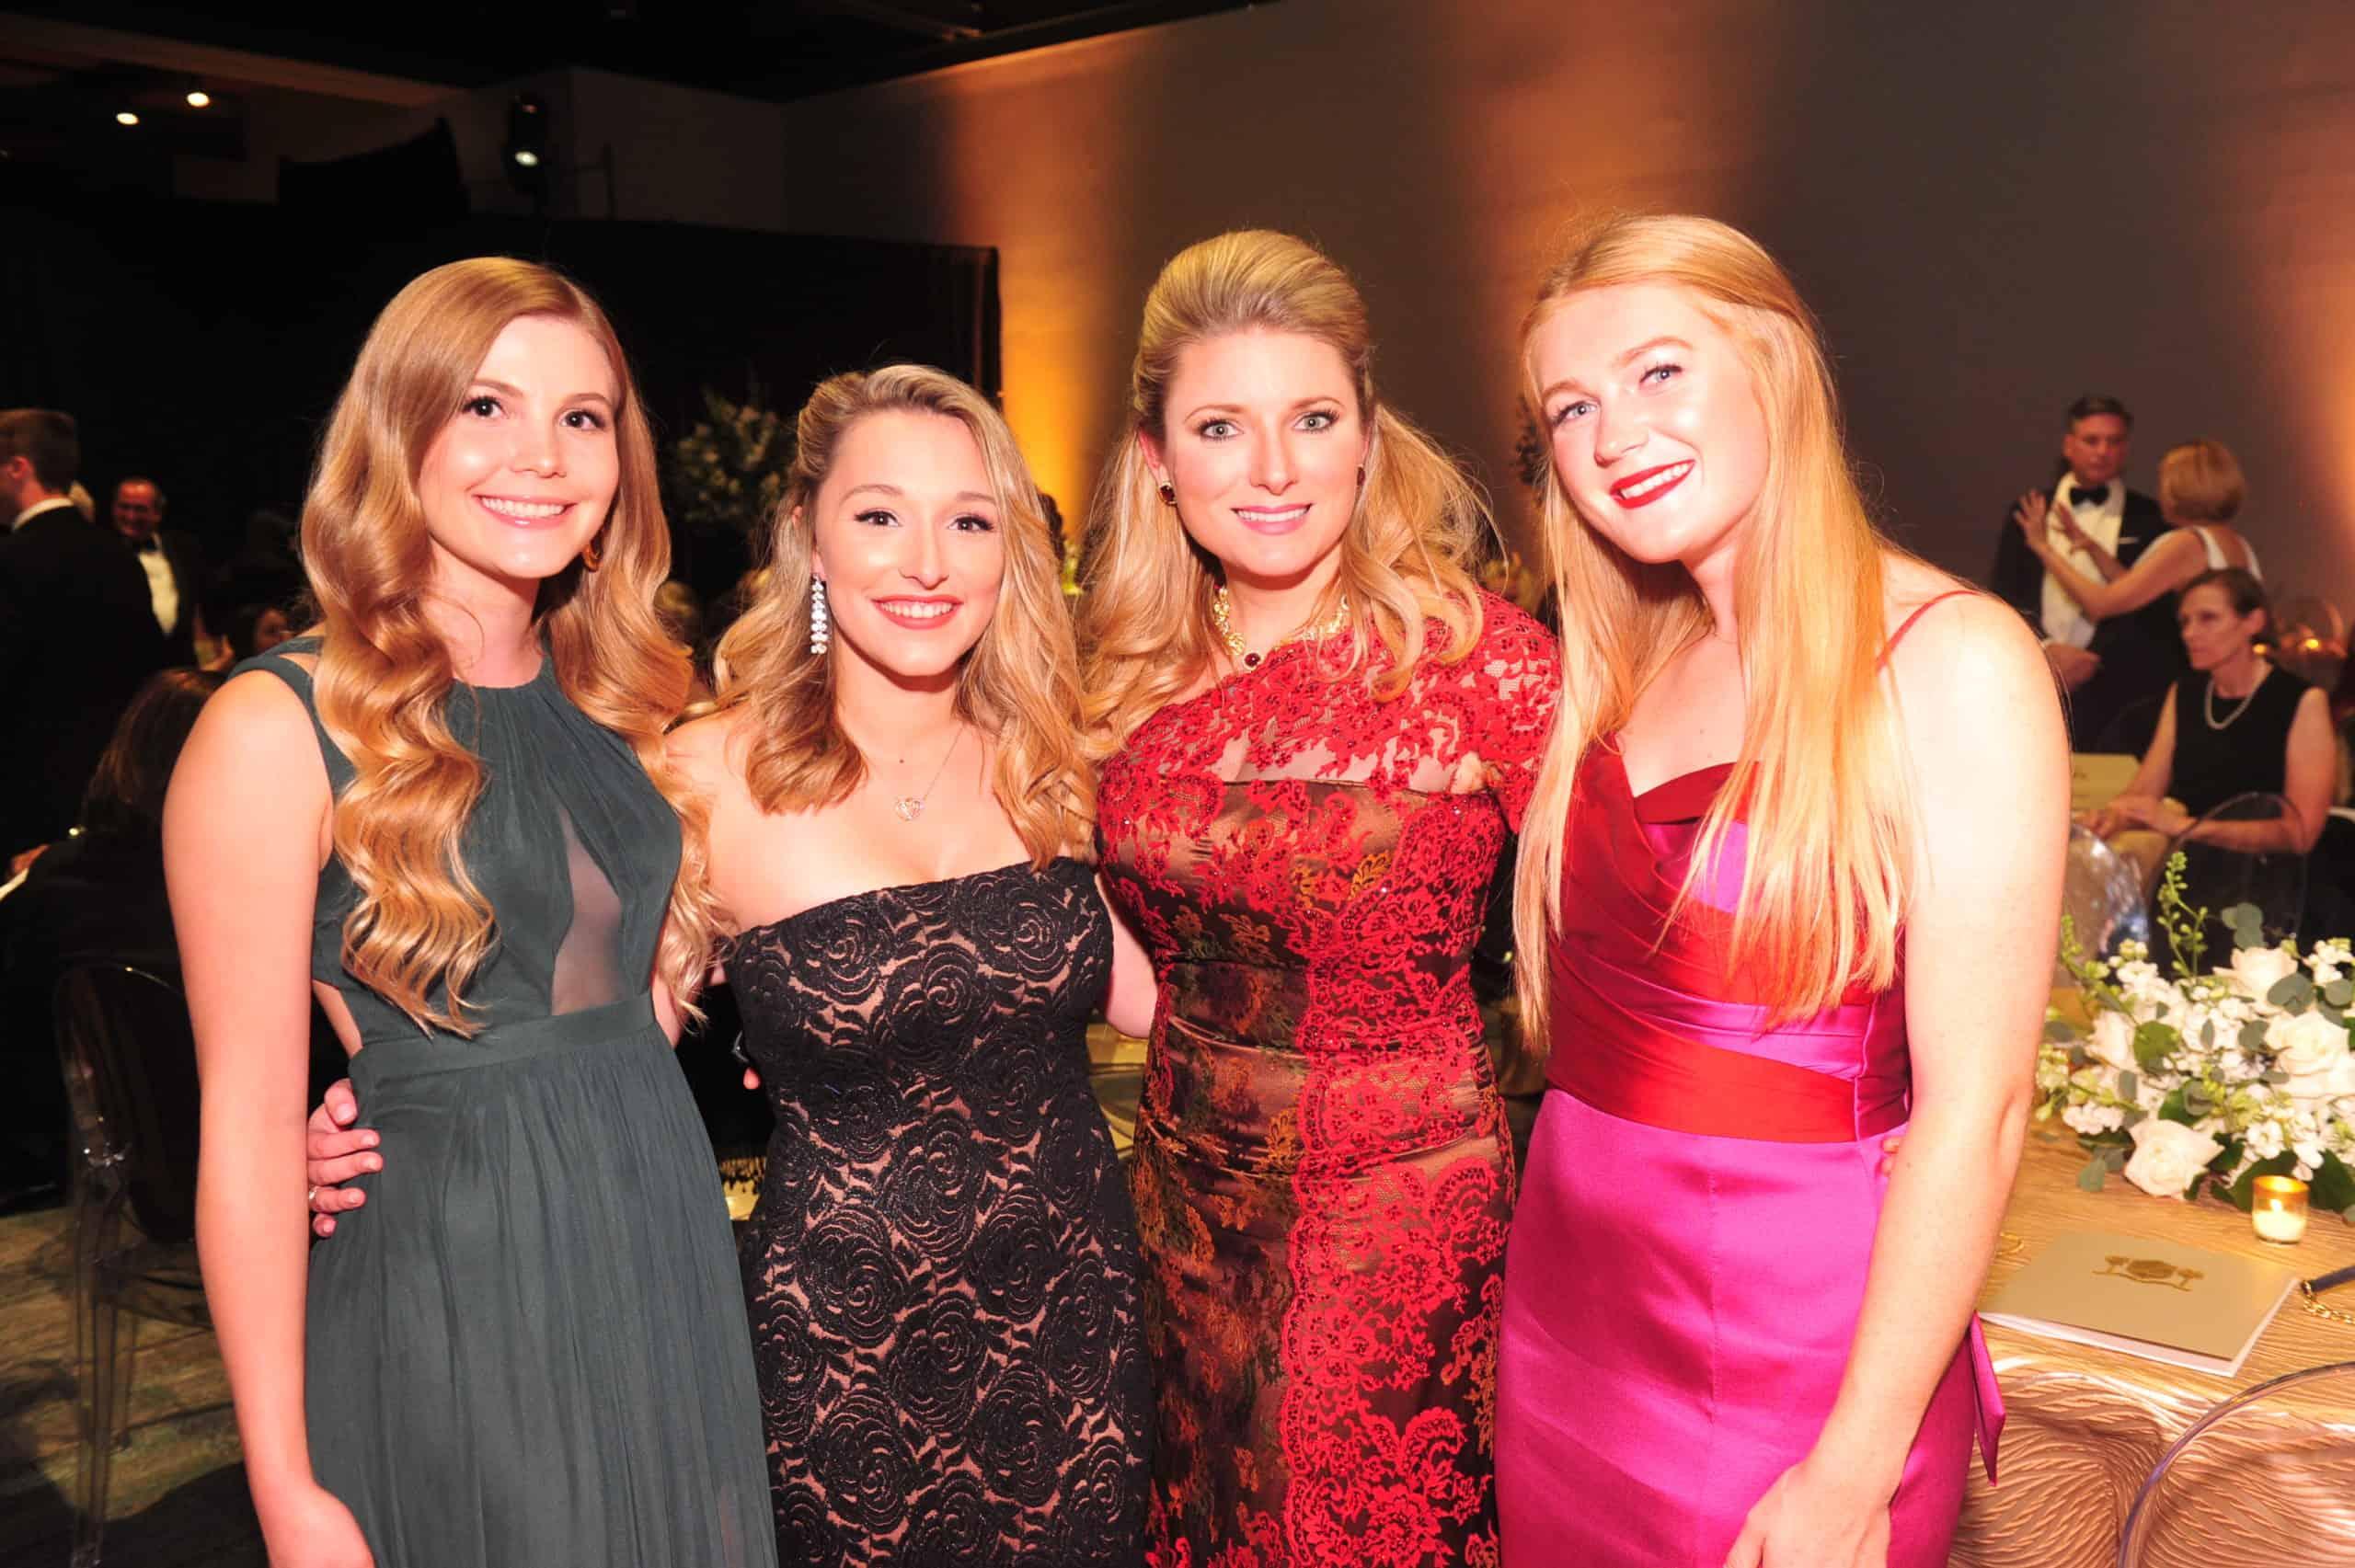 Mackenzie Sears, Taylor Mahnke, Kristin Tips and Jaclyn Heifer